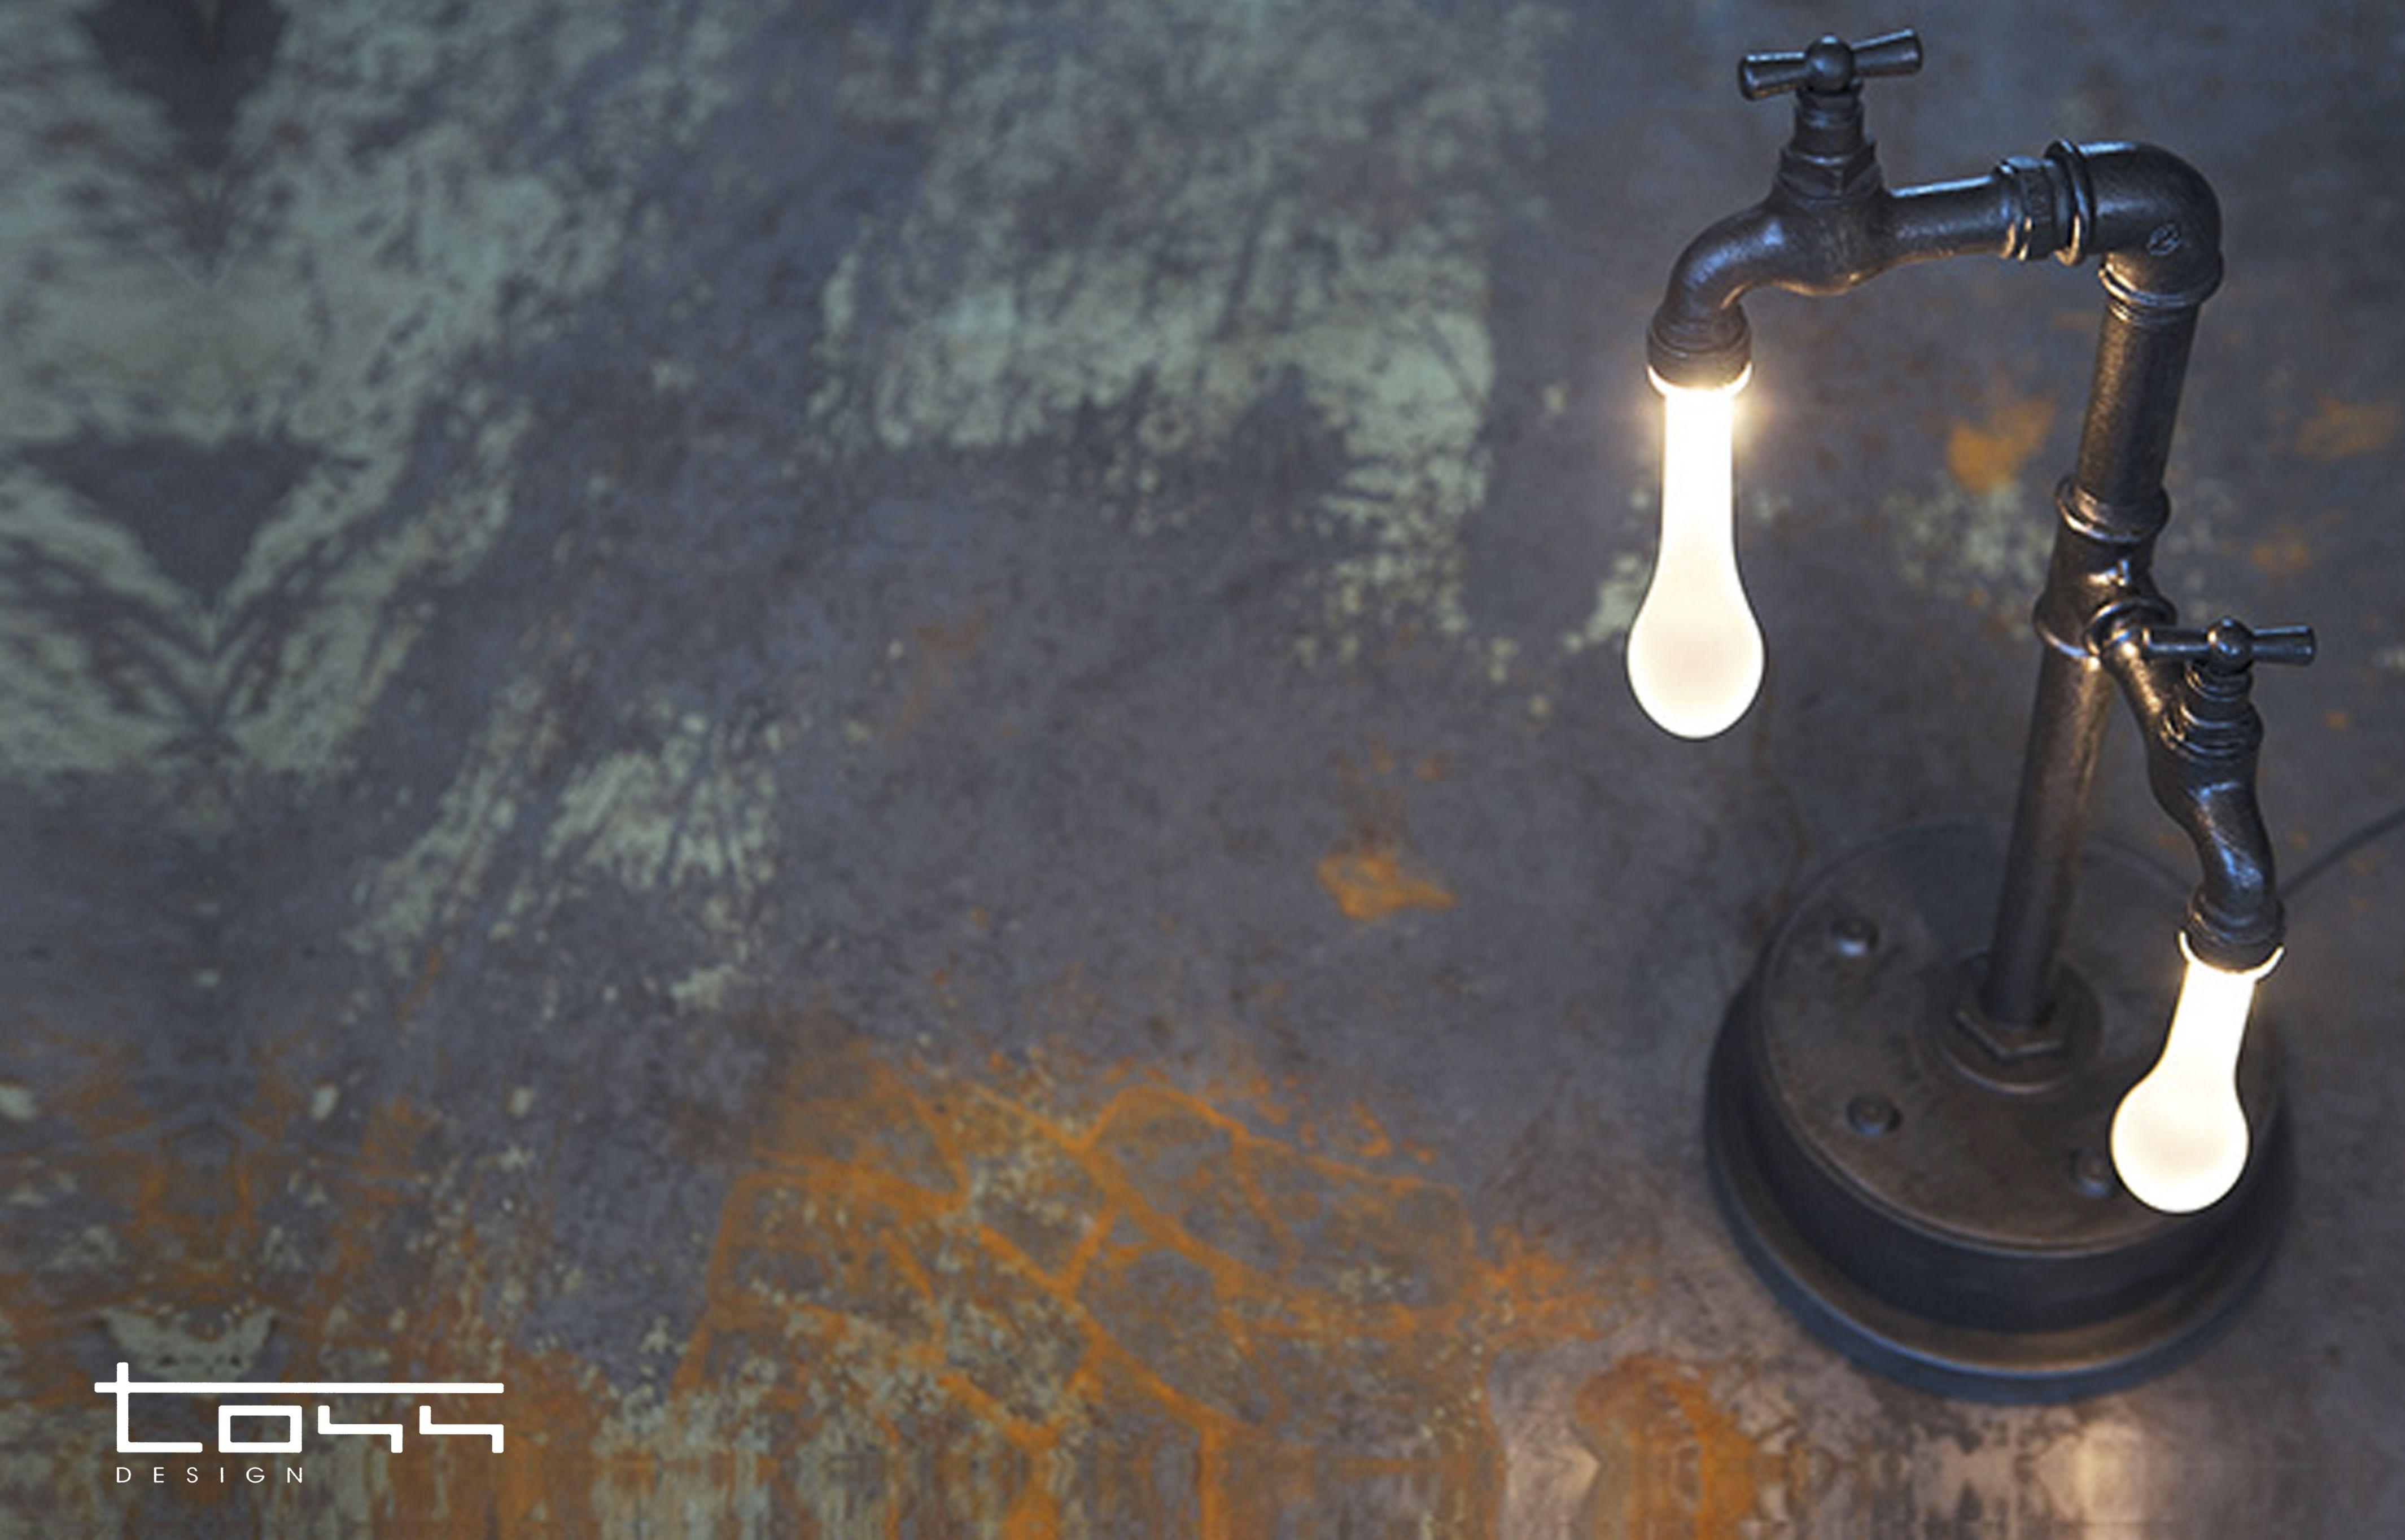 Lampada Da Interni Realizzata Con Tubi Idraulici Punti Luce Goccia